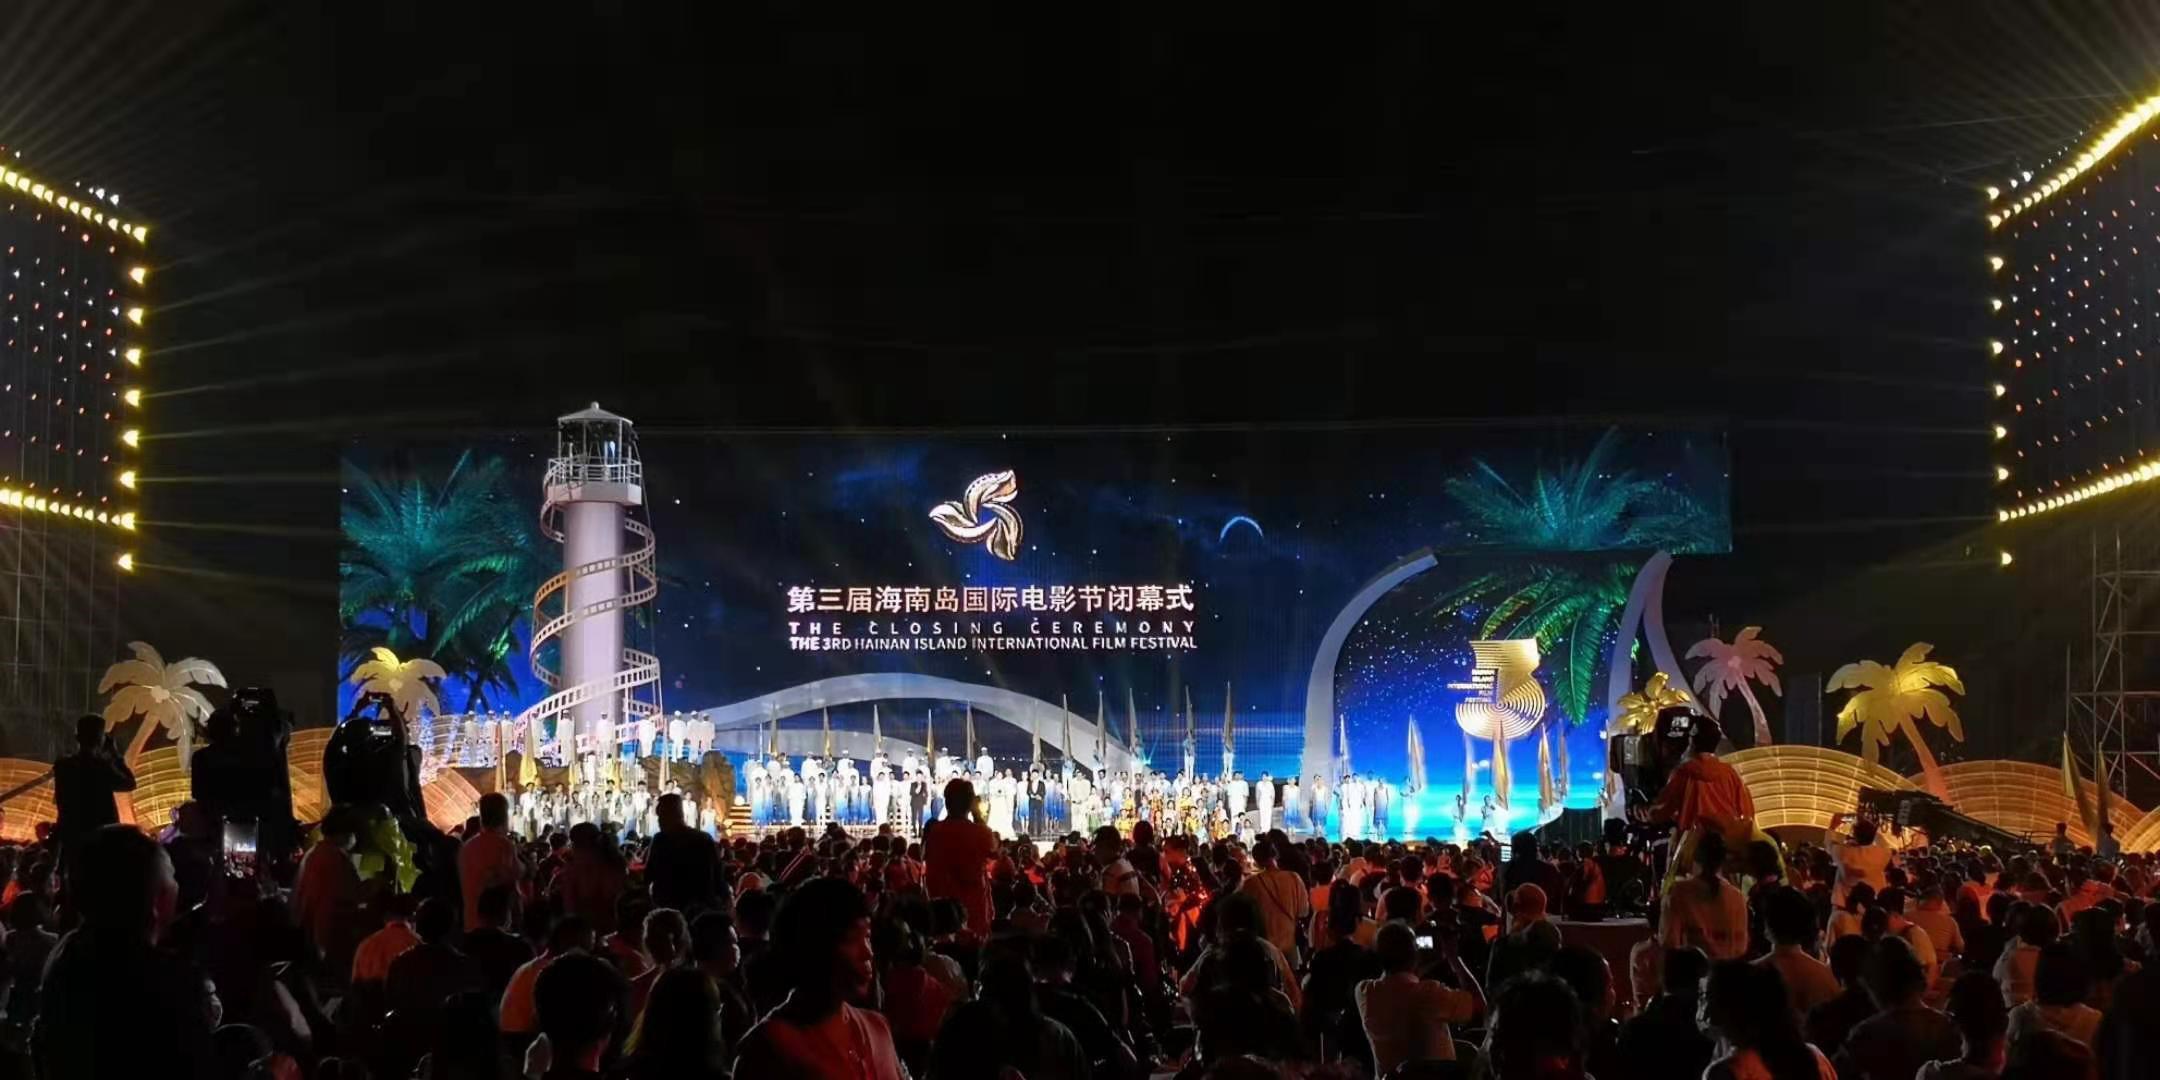 第三届海南国际电影节闭幕式